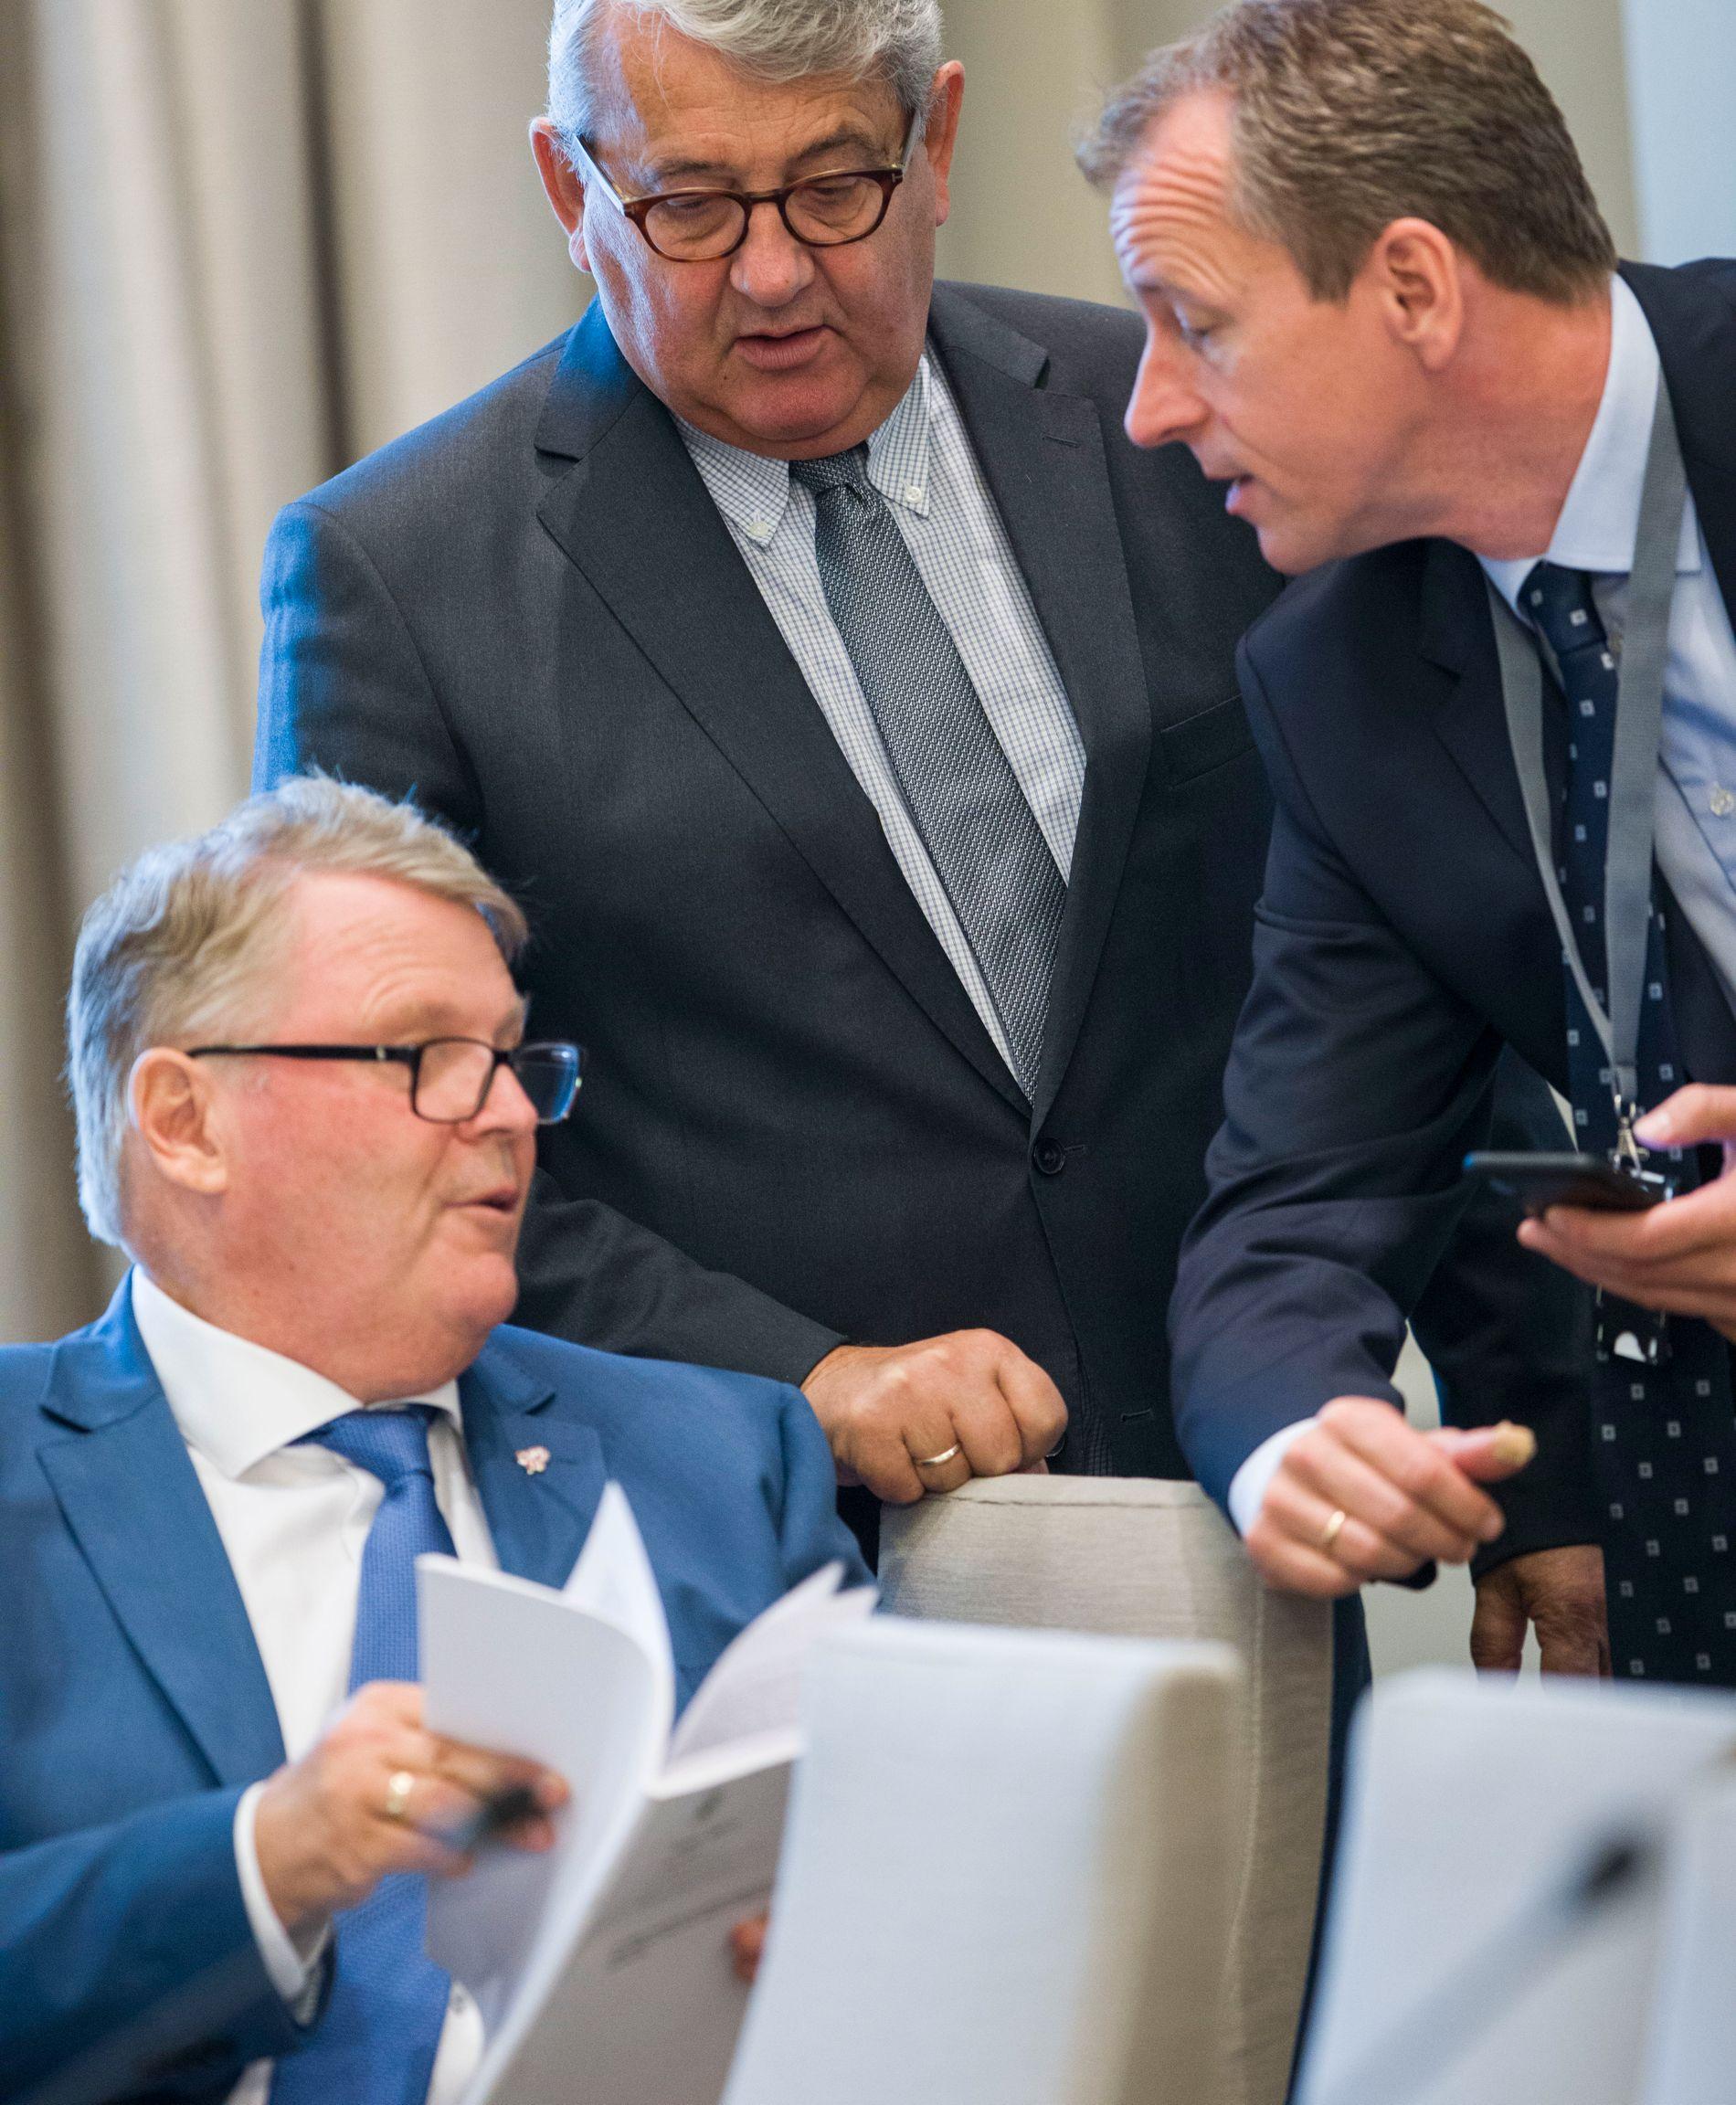 FORVENTNINGER: Hans Fredrik Grøvan (KrF) t.v. har klare forventninger til regjeringens oppfølging. Her sammen med leder i Riksrevisjonen, Per-Kristian Foss, og KrF-rådgiver Geir Arne Servan.